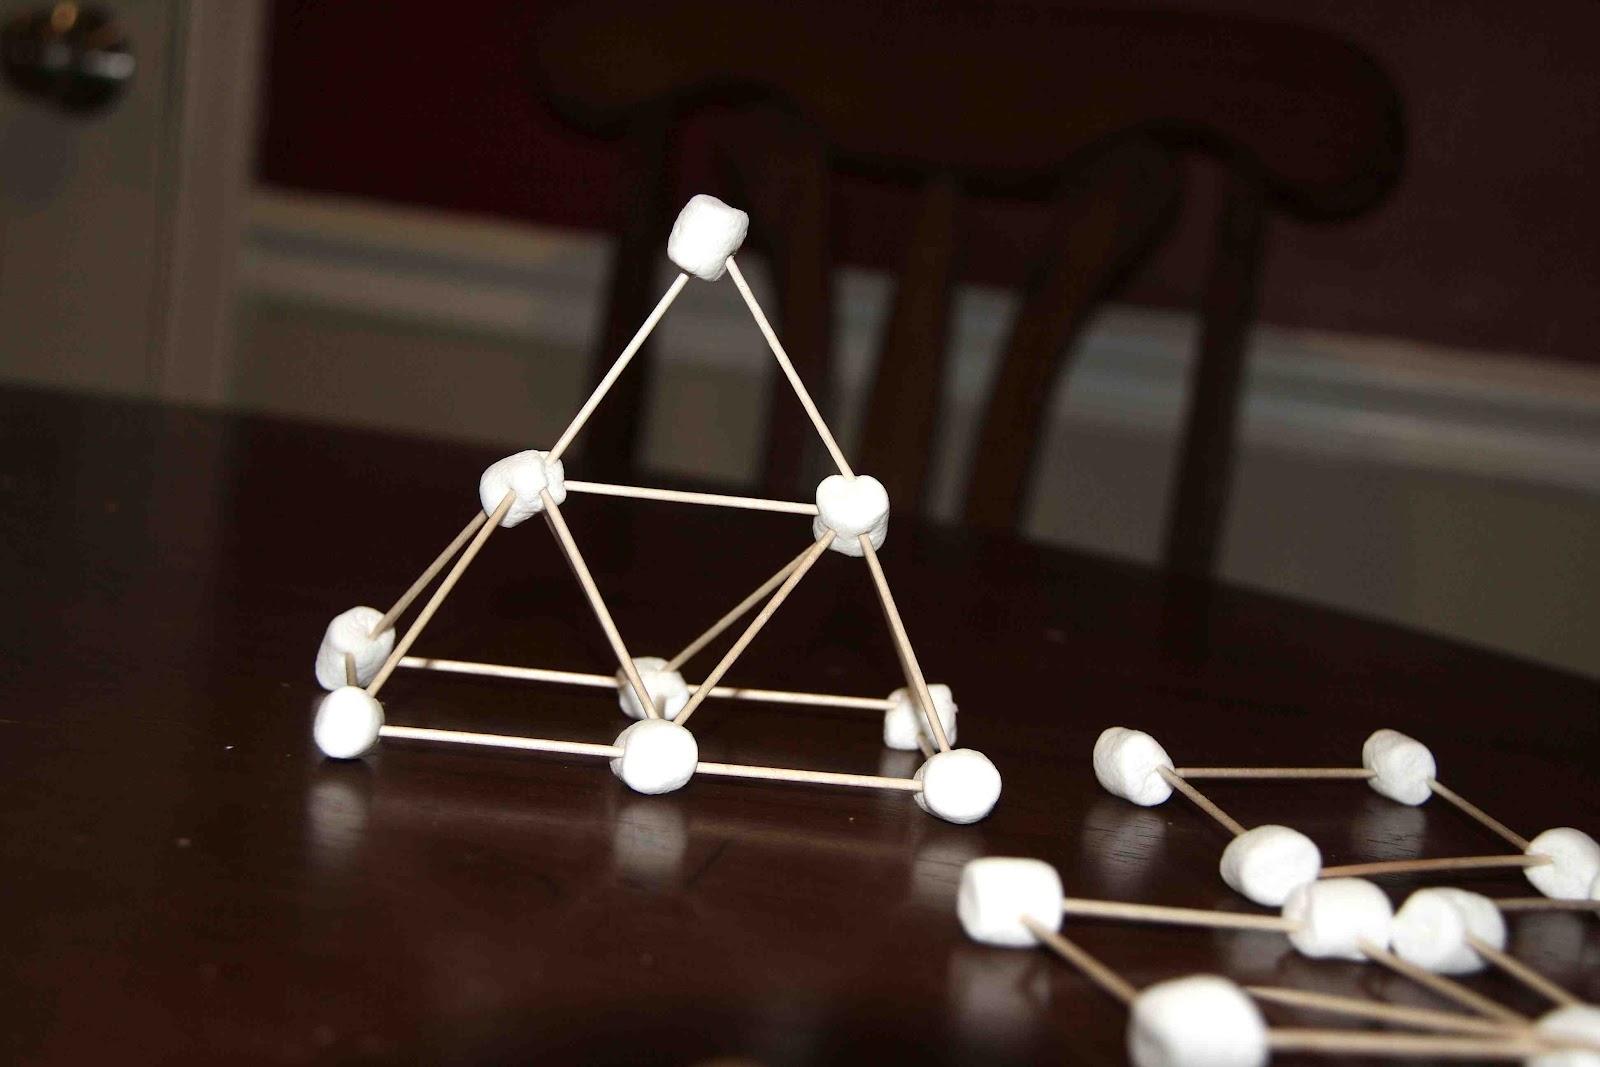 how to make a mini pyramid